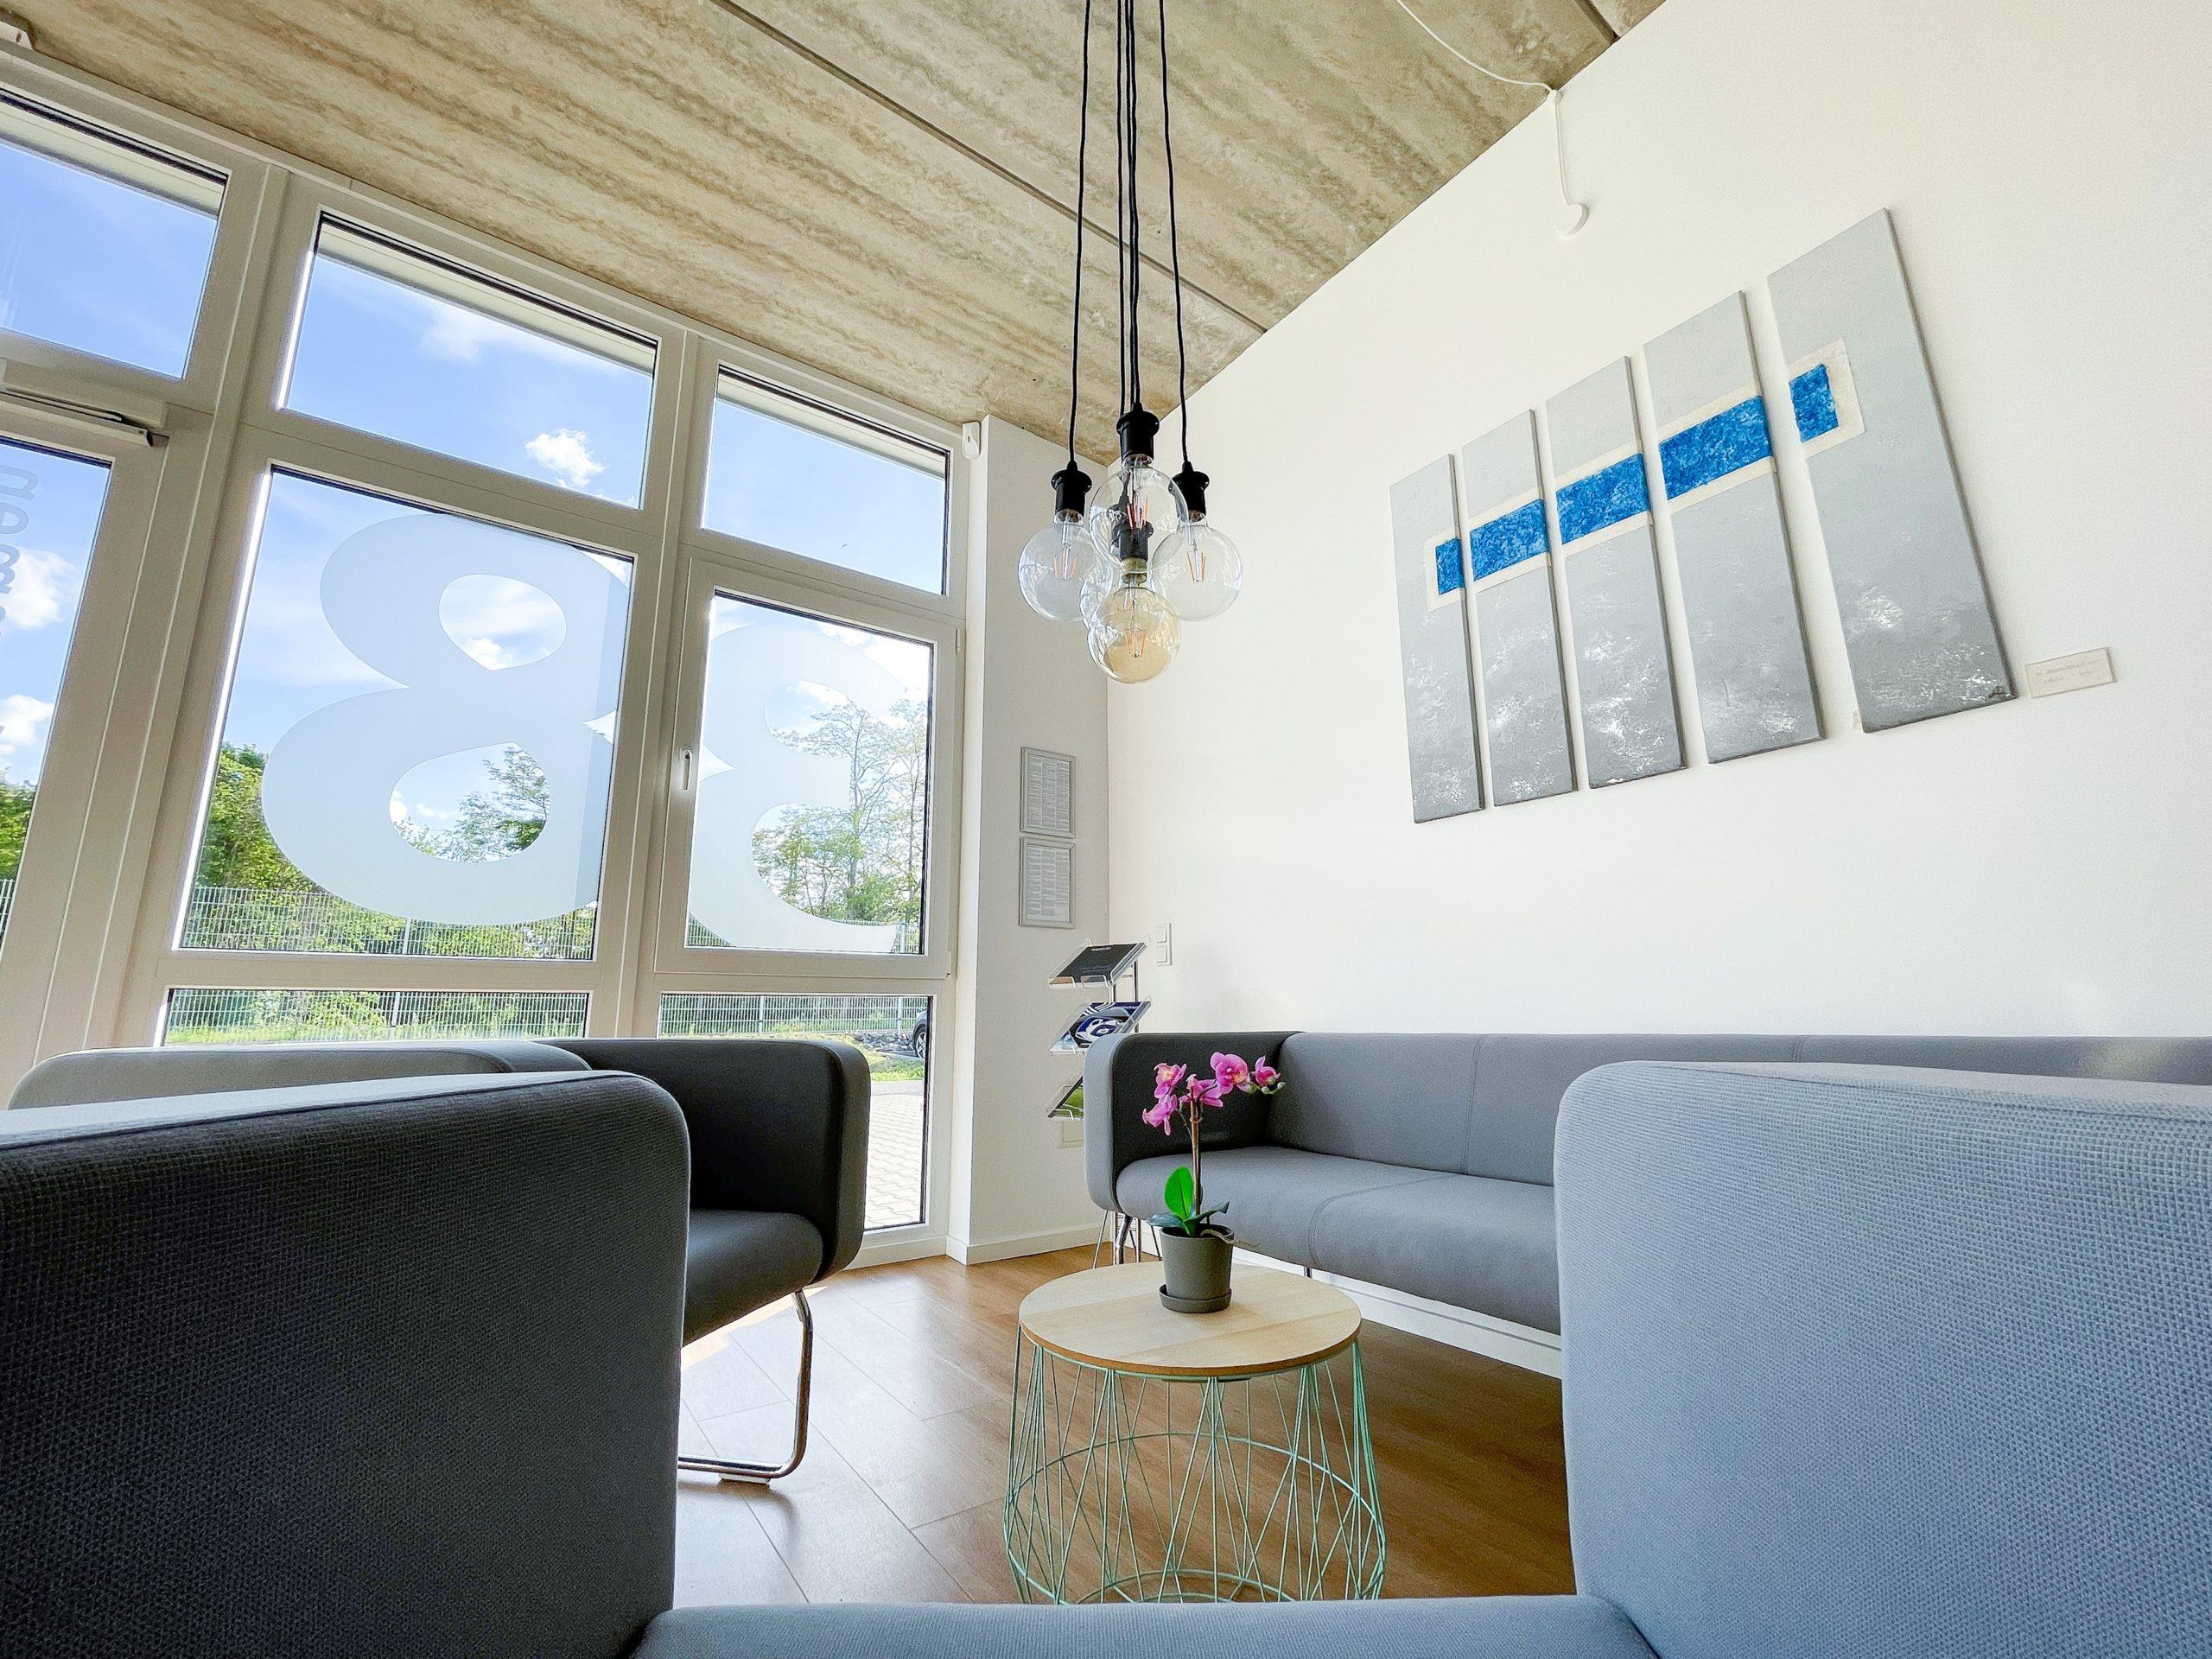 Setcon Empfangsbereich mit grauem Sofa und zwei Sesseln, Pendelleuchten hängen von der Decke